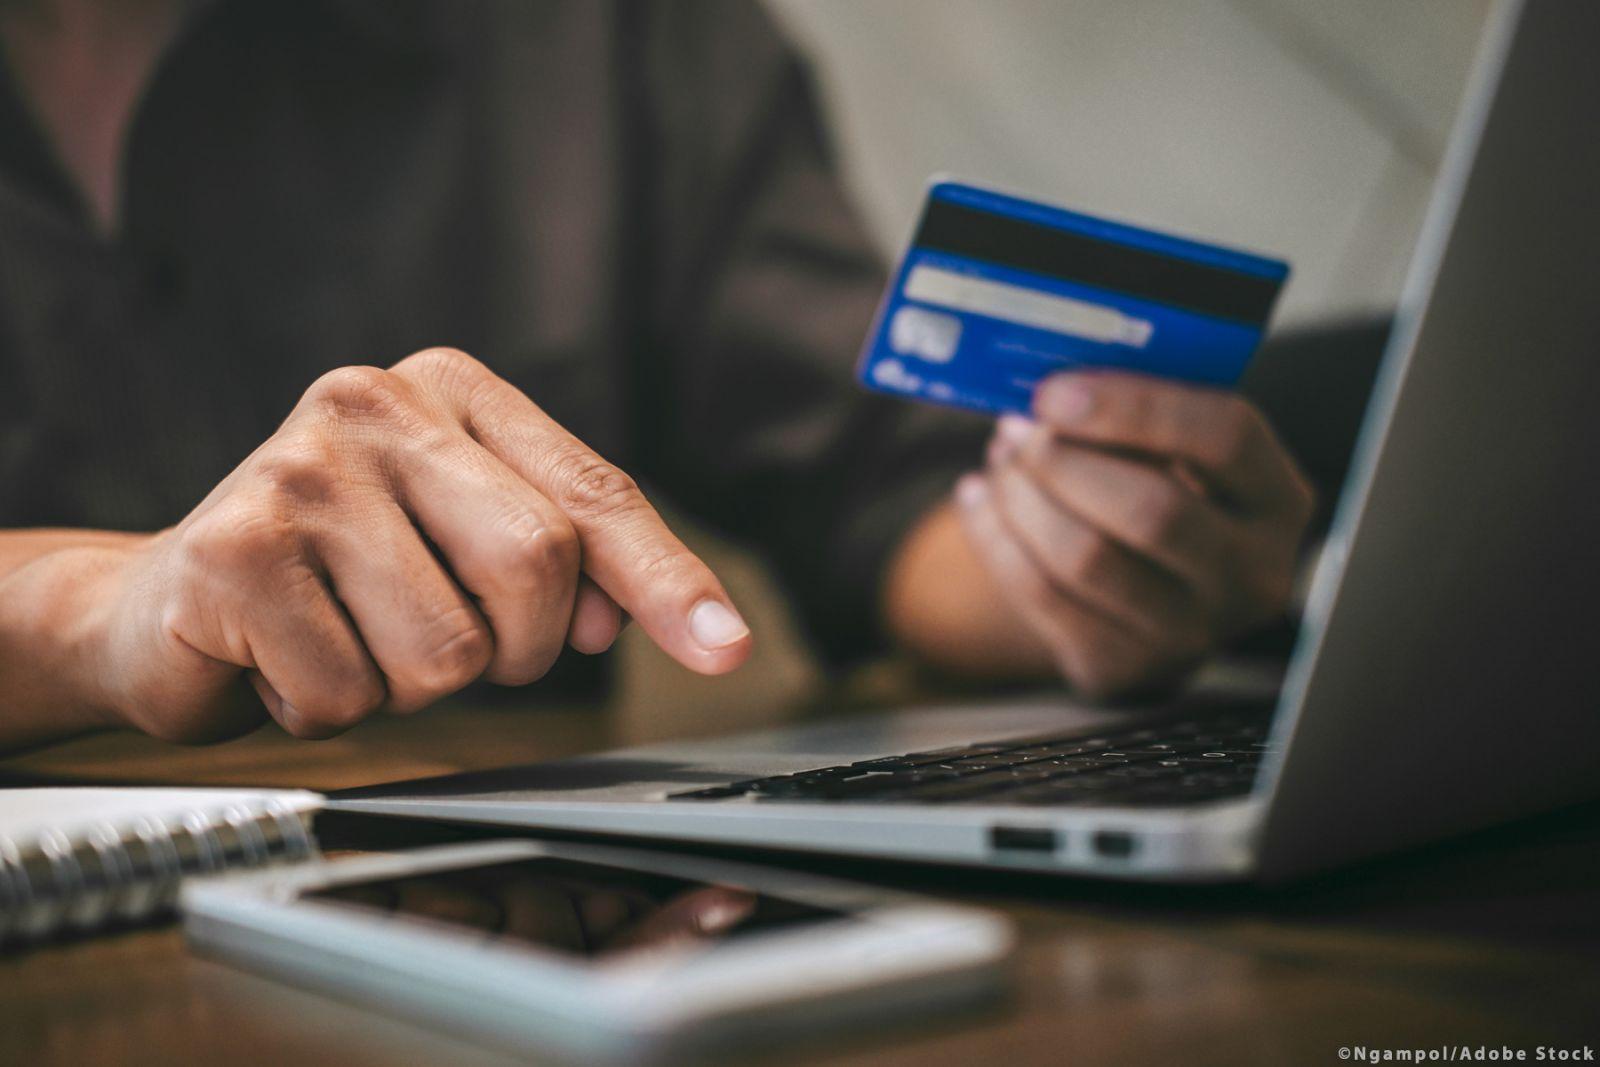 Πώς να προστατευτείτε από διαδικτυακές απάτες και αθέμιτες πρακτικές